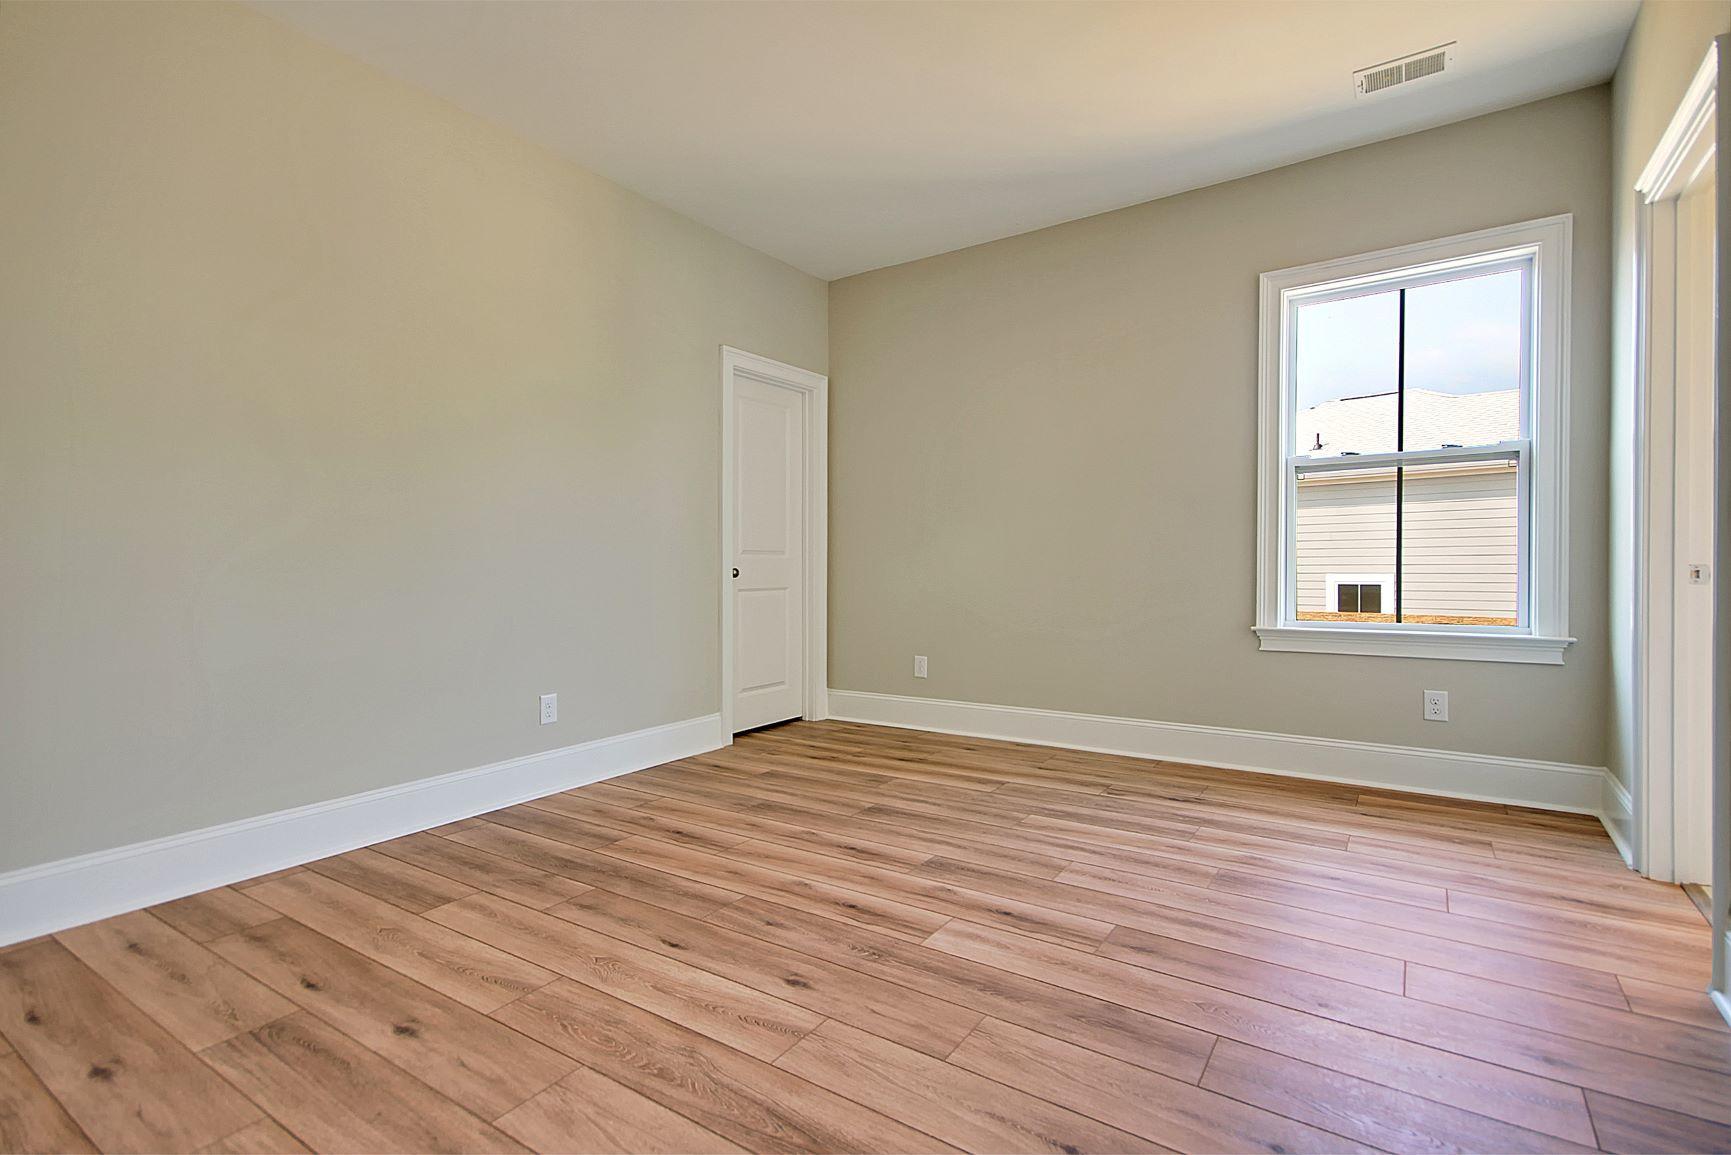 Kings Flats Homes For Sale - 121 Alder, Charleston, SC - 16